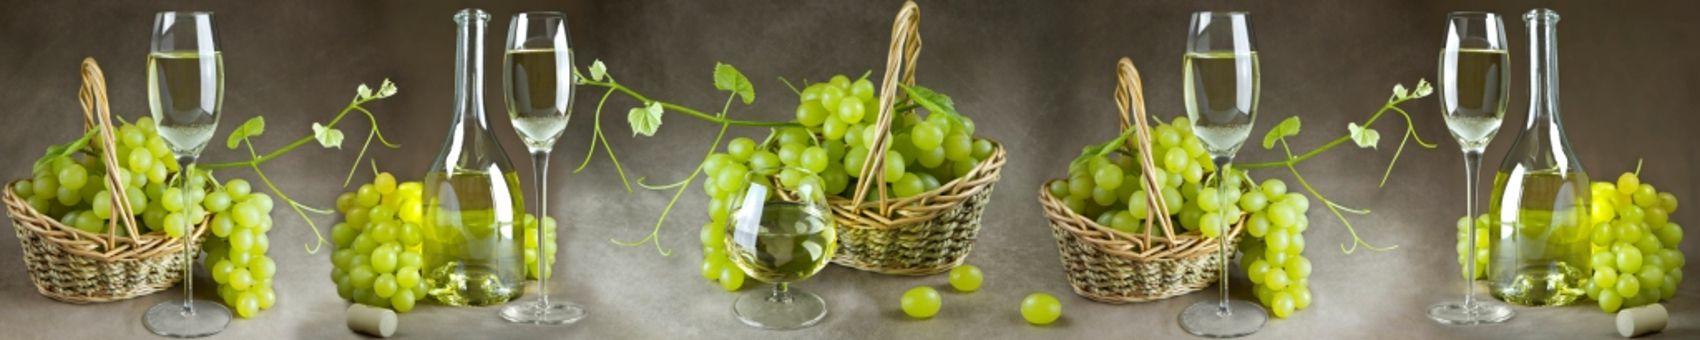 Виноград в корзинах